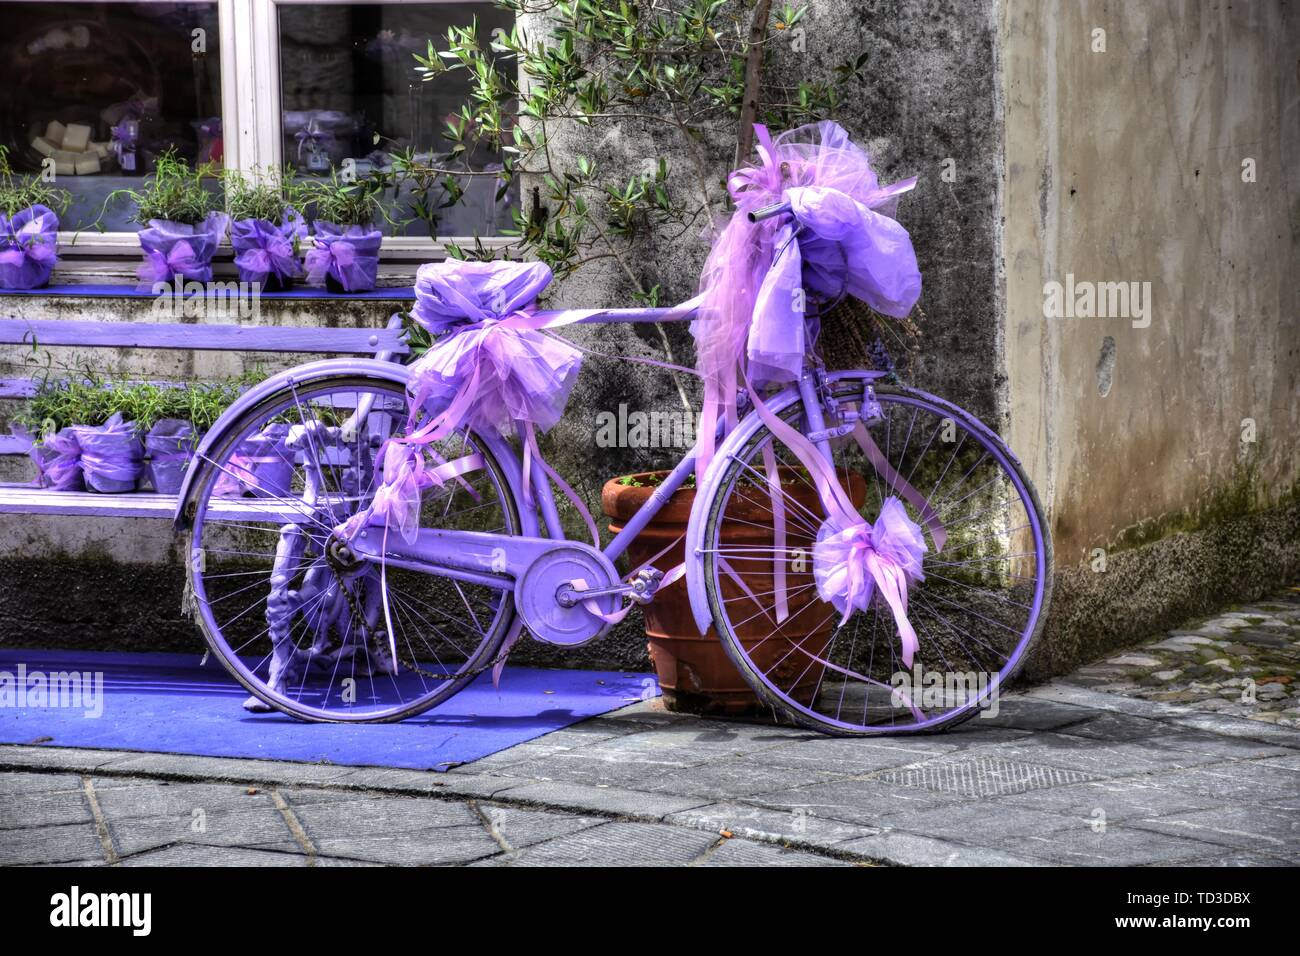 Fahrrad, Rad, Violett, lackiert, Rad, Reifen, defekt, Kette, Dynamo, Speichen, Vollgummi, Vollgummireifen, abgestellt, Kettenschutz, Halterung, Masche - Stock Image